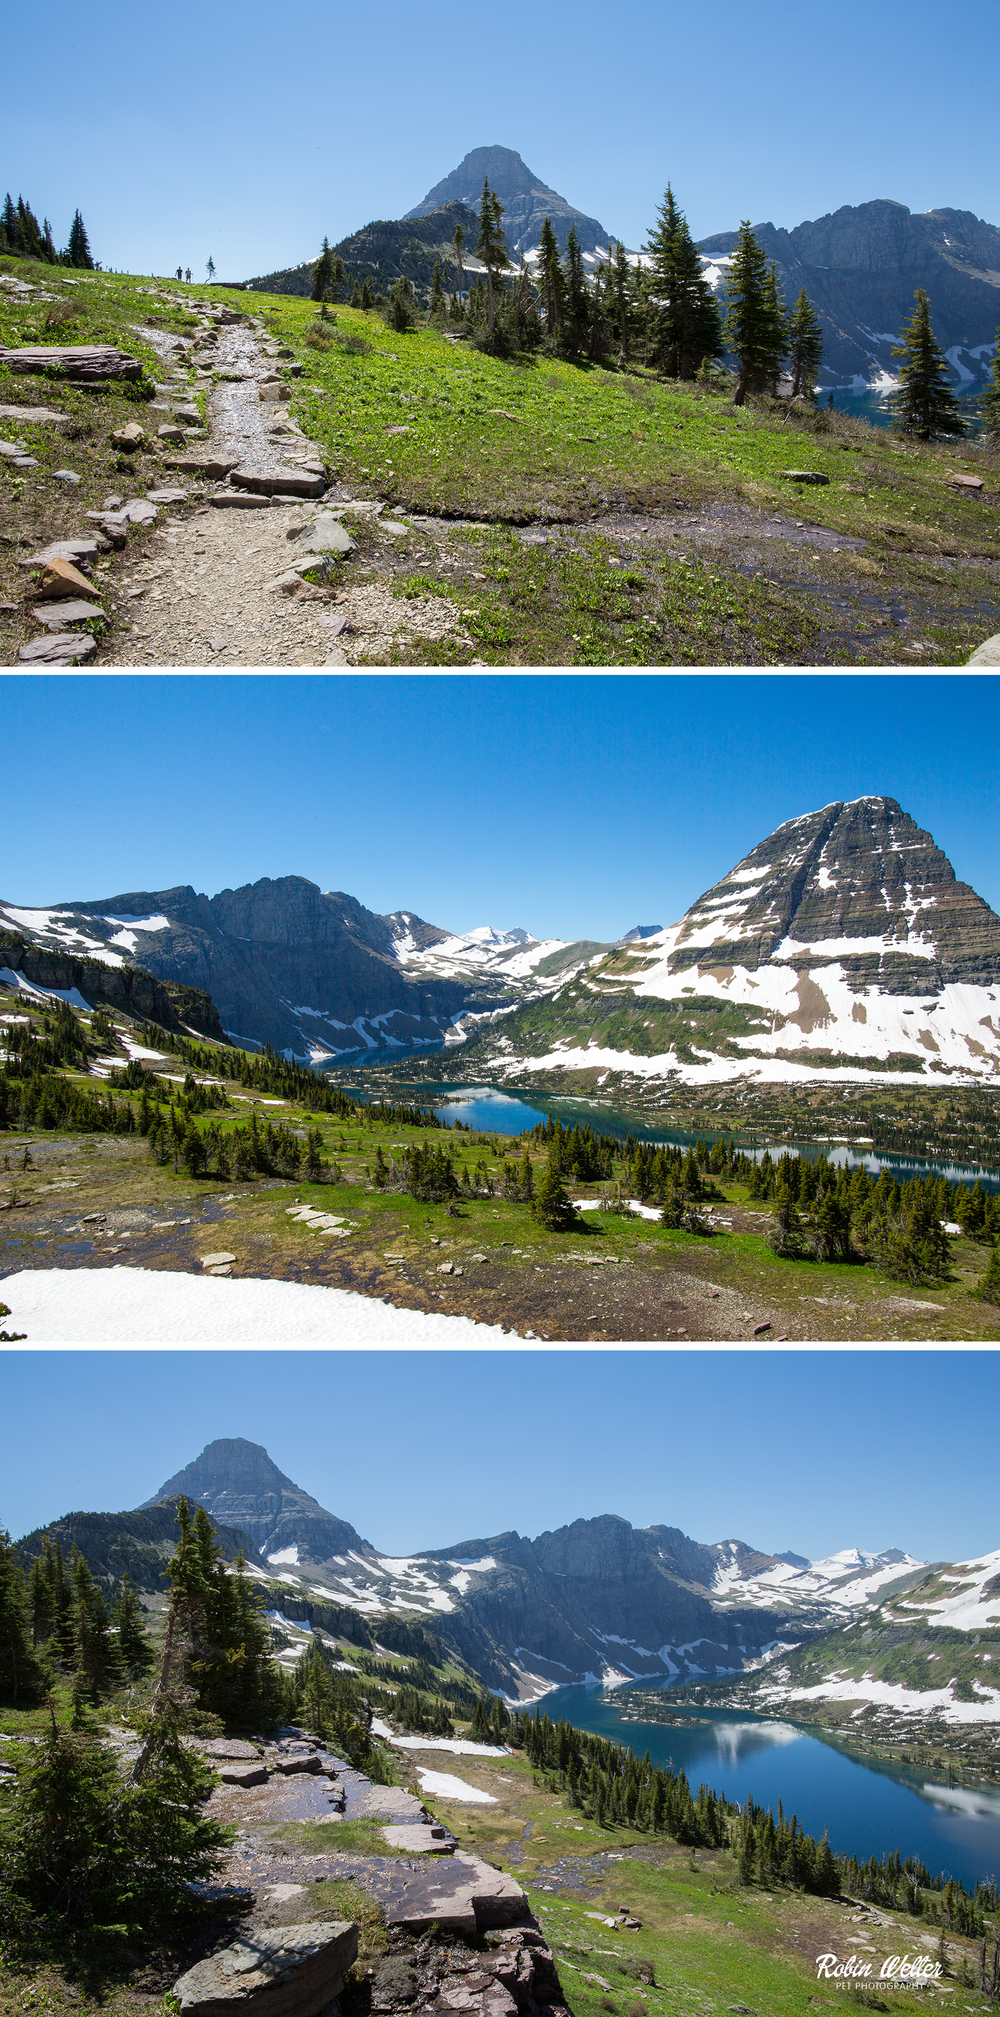 Hidden Lake, Glacier National Park | ©2015 Robin Welter Photography